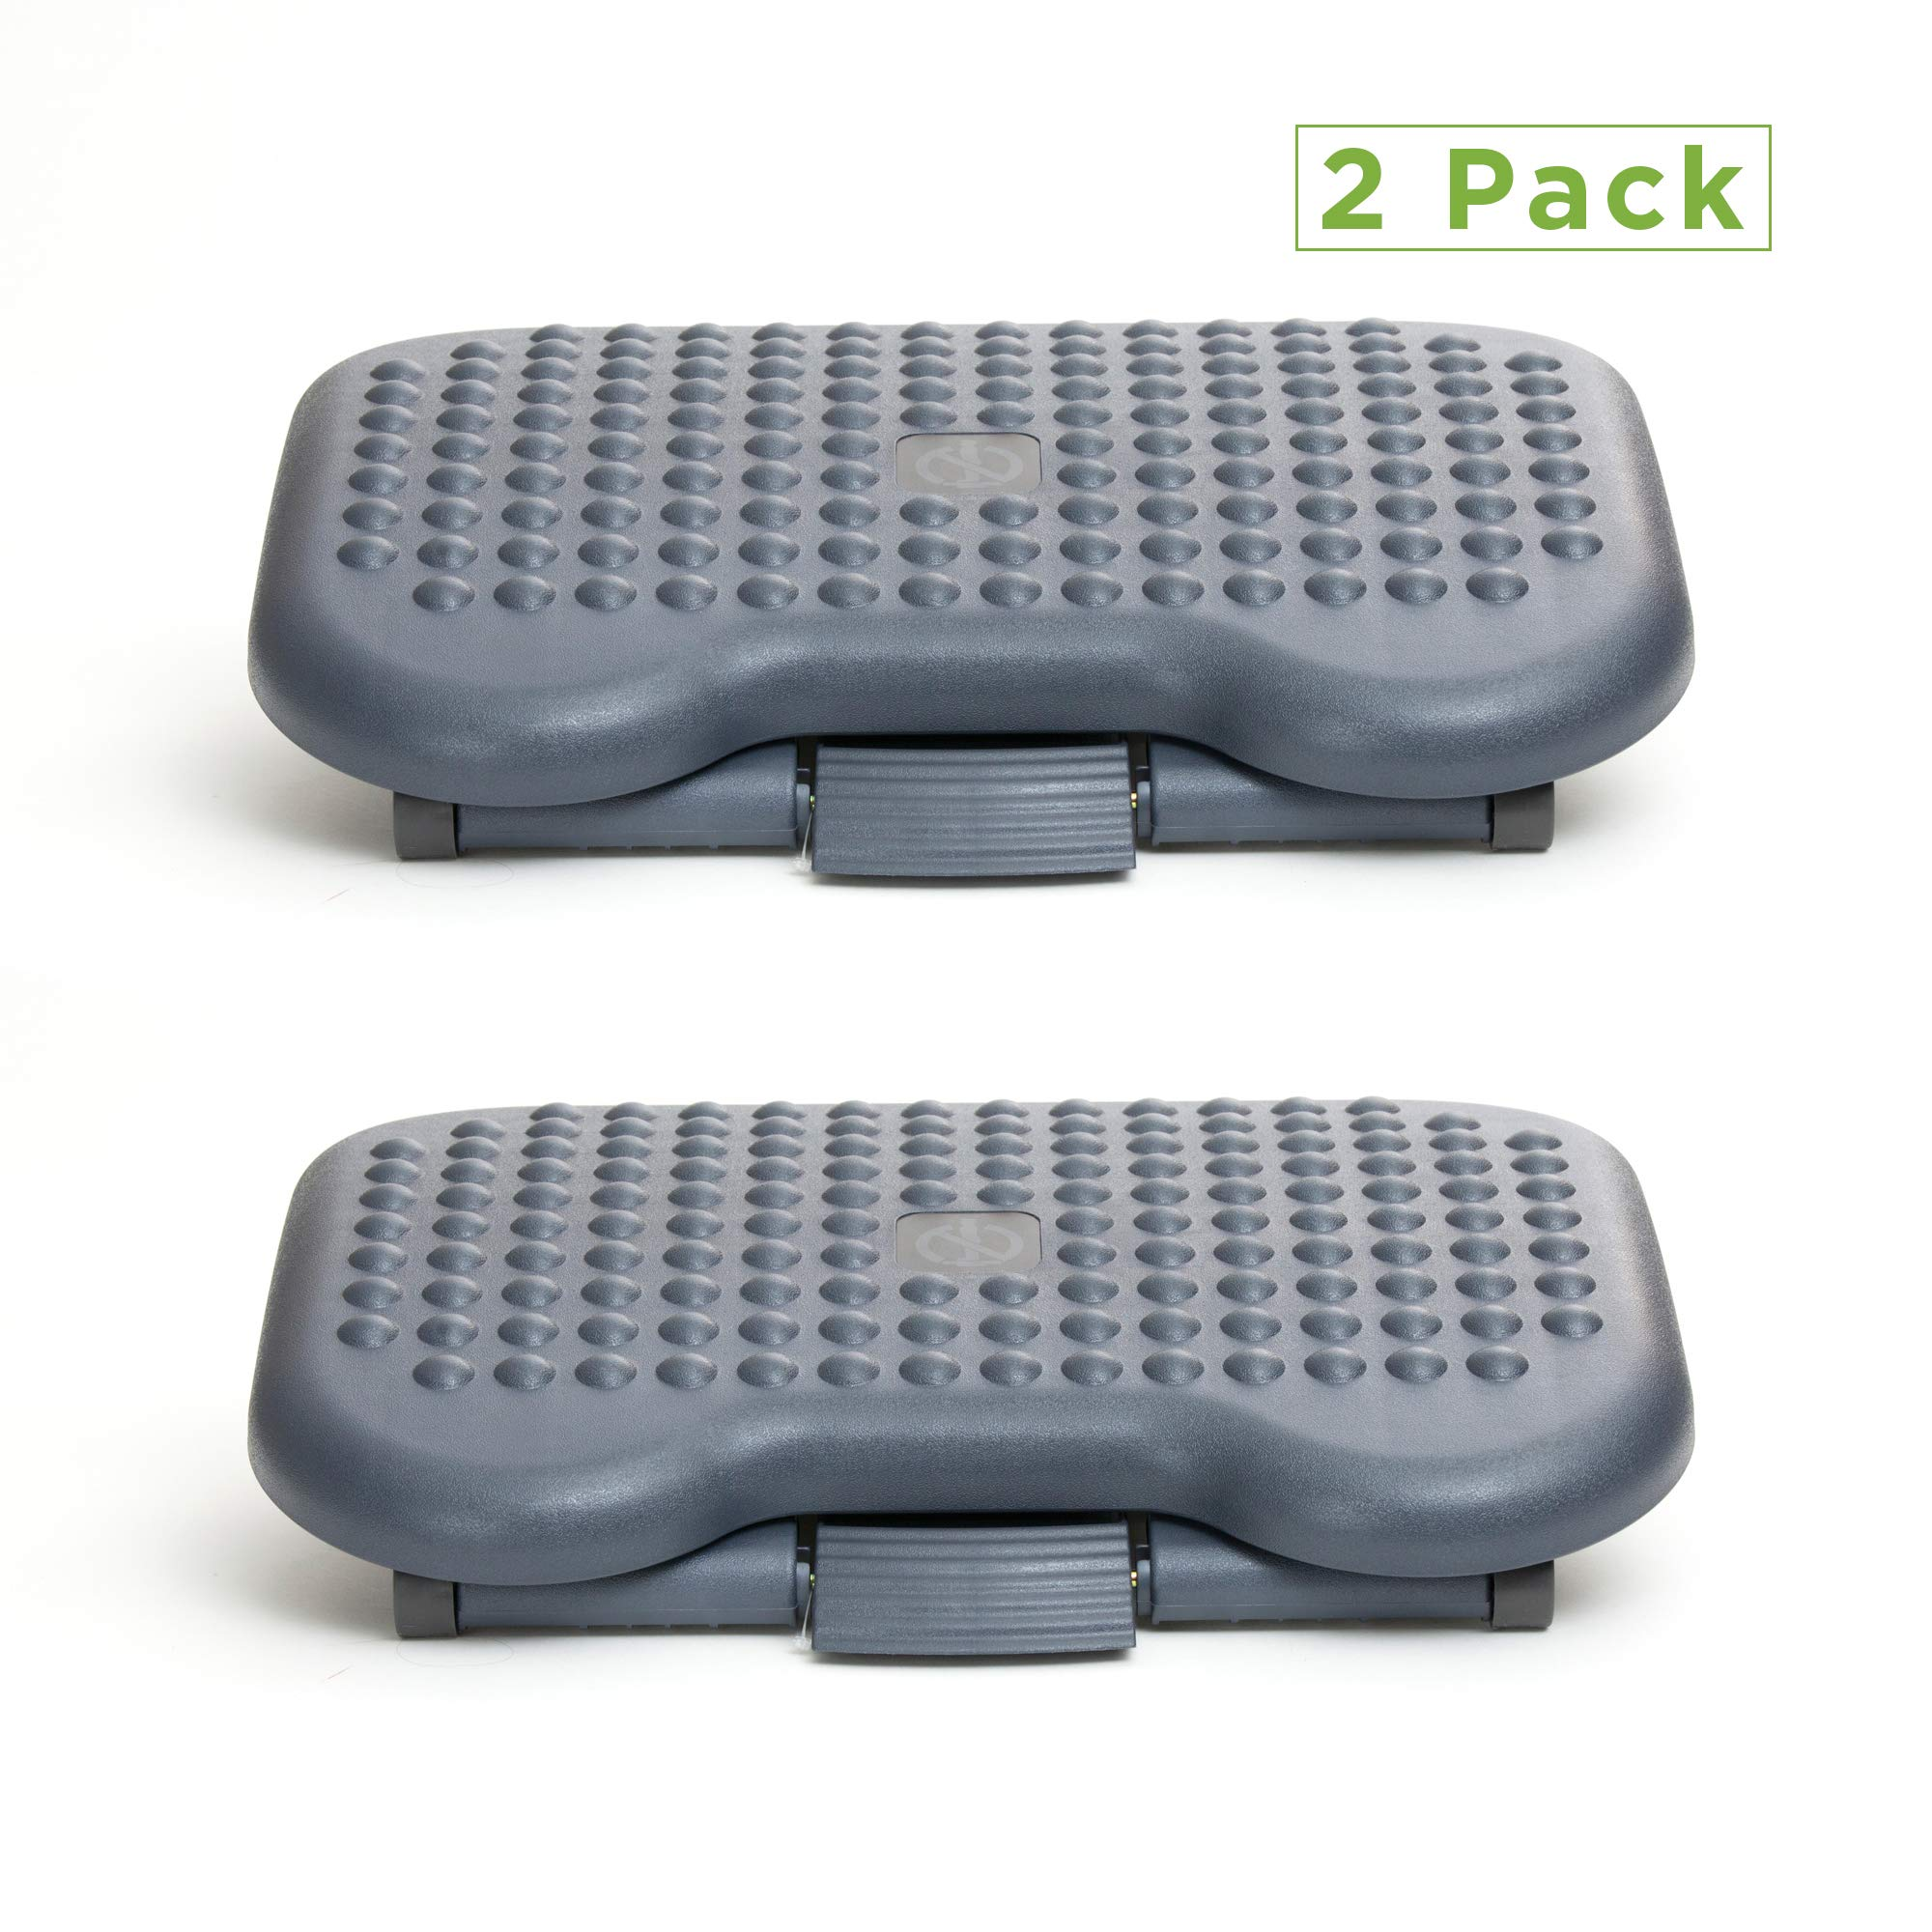 Mind Reader 2FTREST-BLK 2 Pack Adjustable Height Ergonomic Foot Rest, Black by Mind Reader (Image #1)